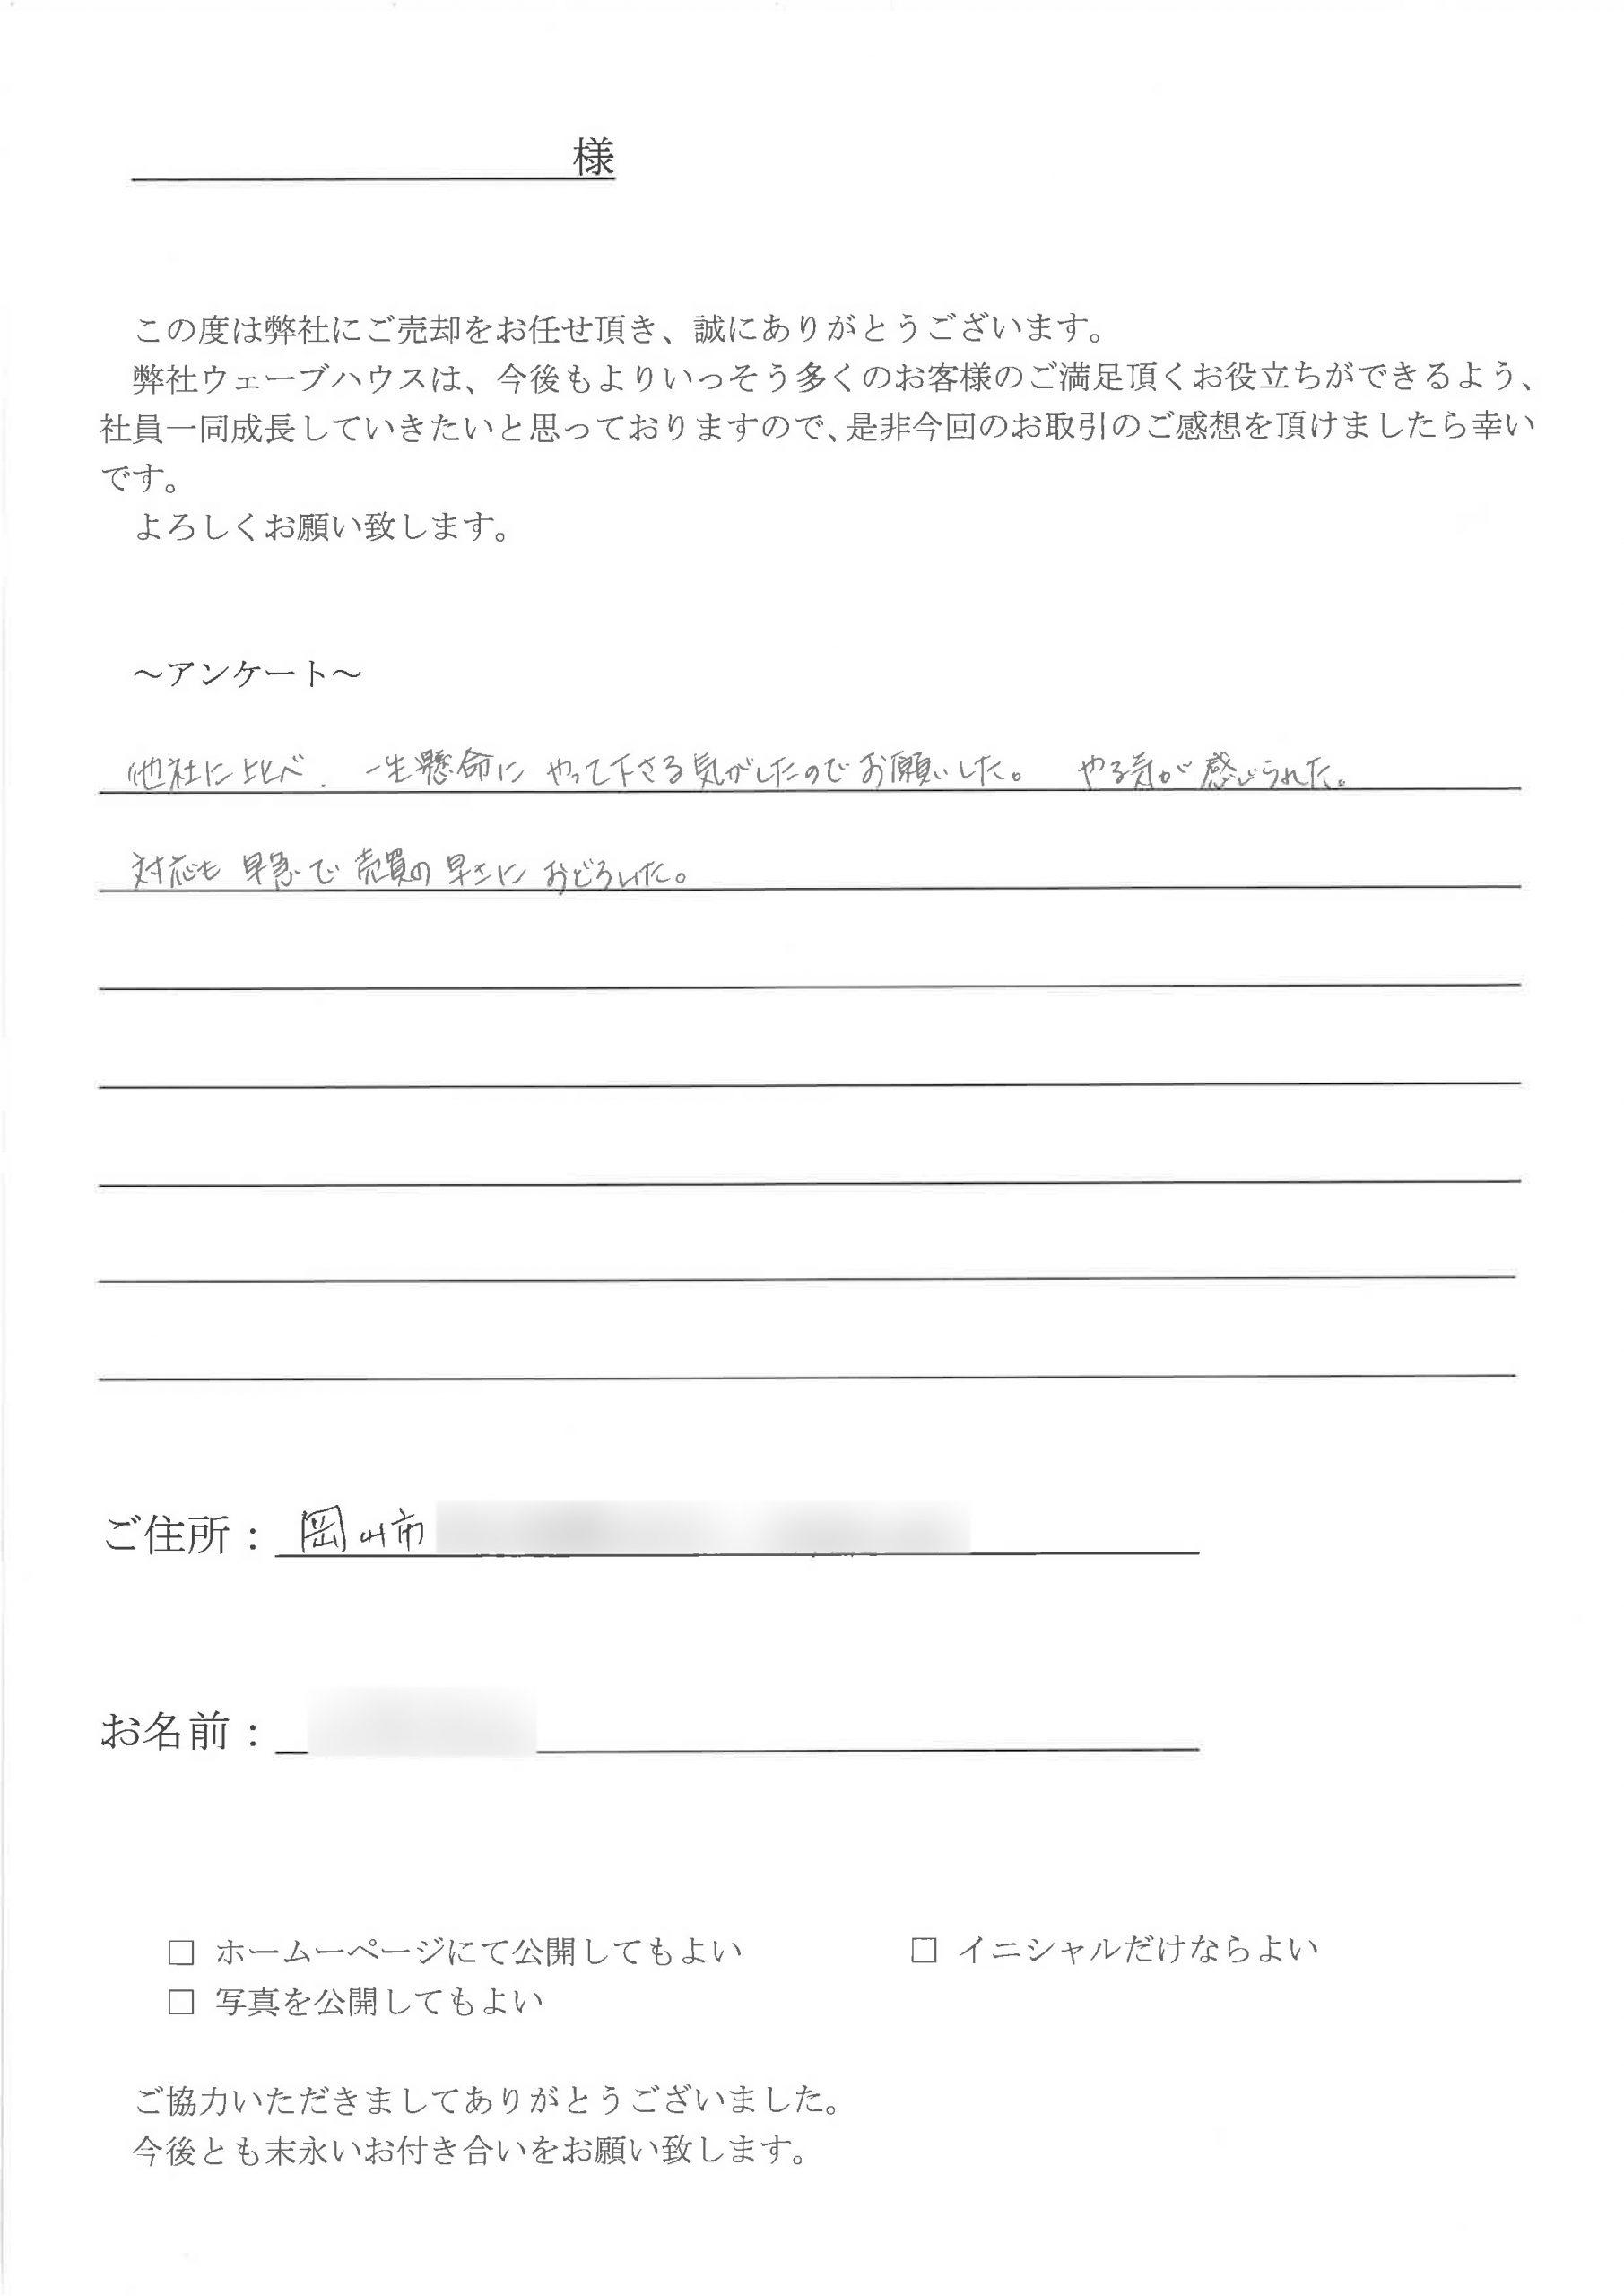 岡山市 F.T様